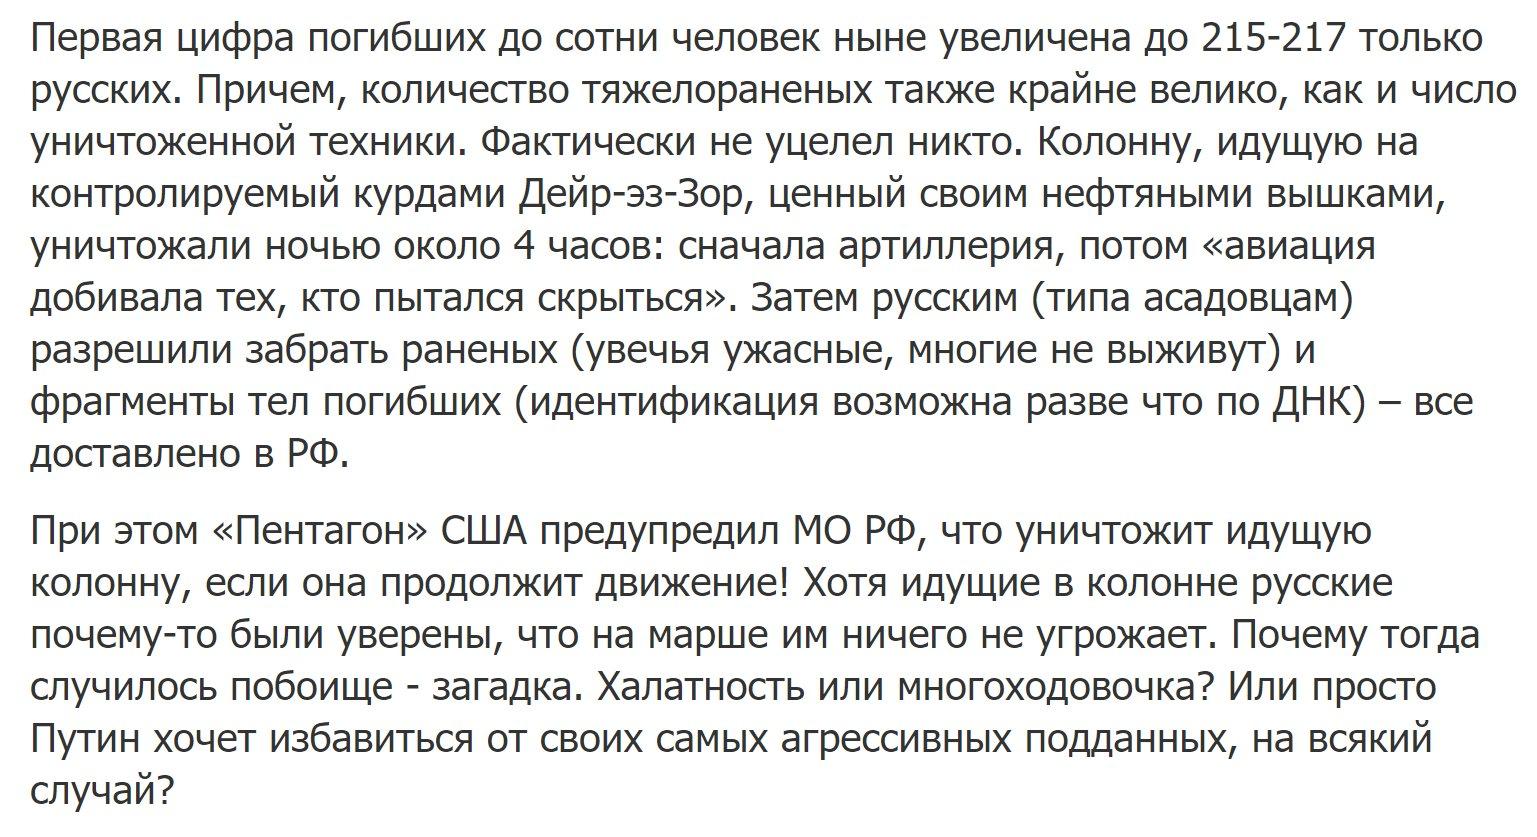 У житлових районах Донбасу досі розміщується військова техніка і сили, їхнє відведення - першочергове завдання, - Апакан - Цензор.НЕТ 5566